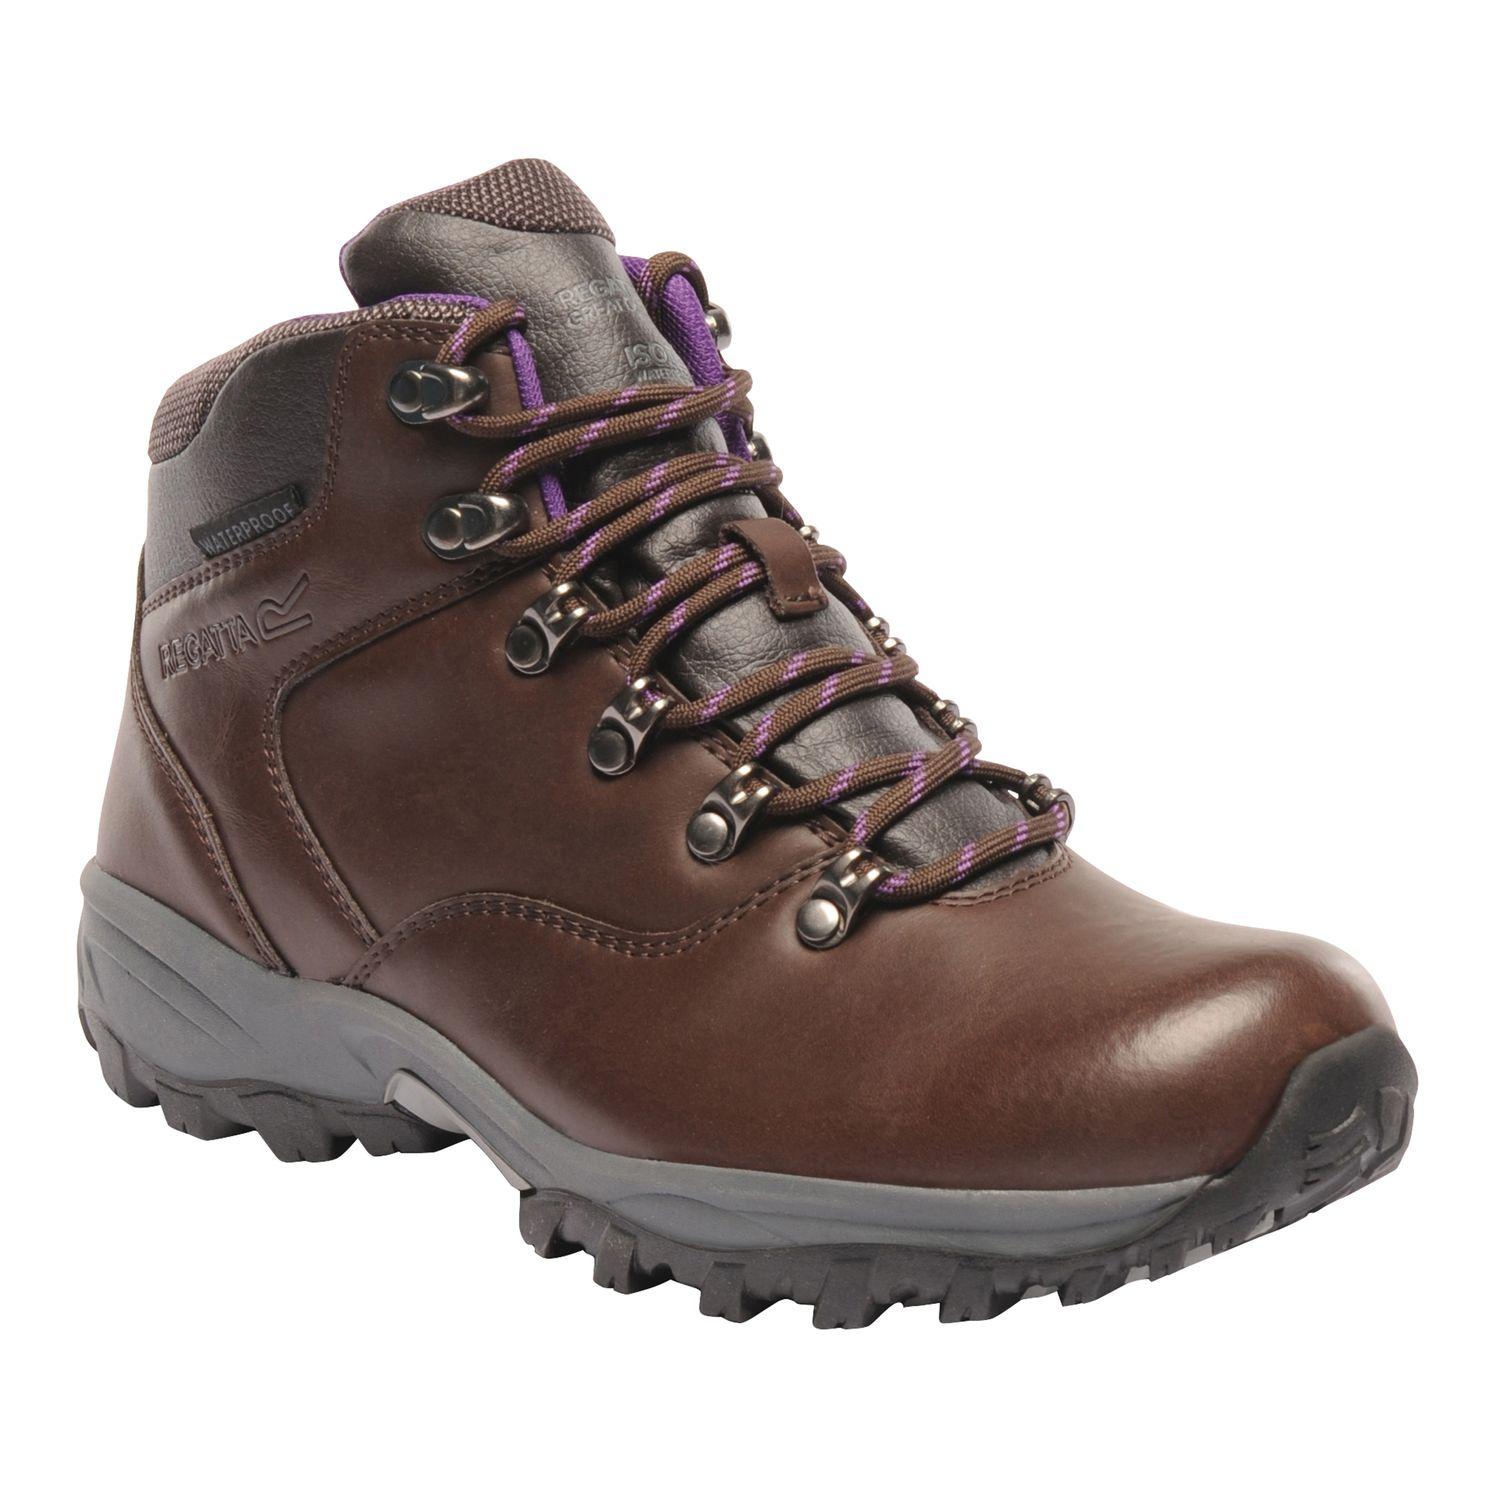 Women's shiny brown walking boot.